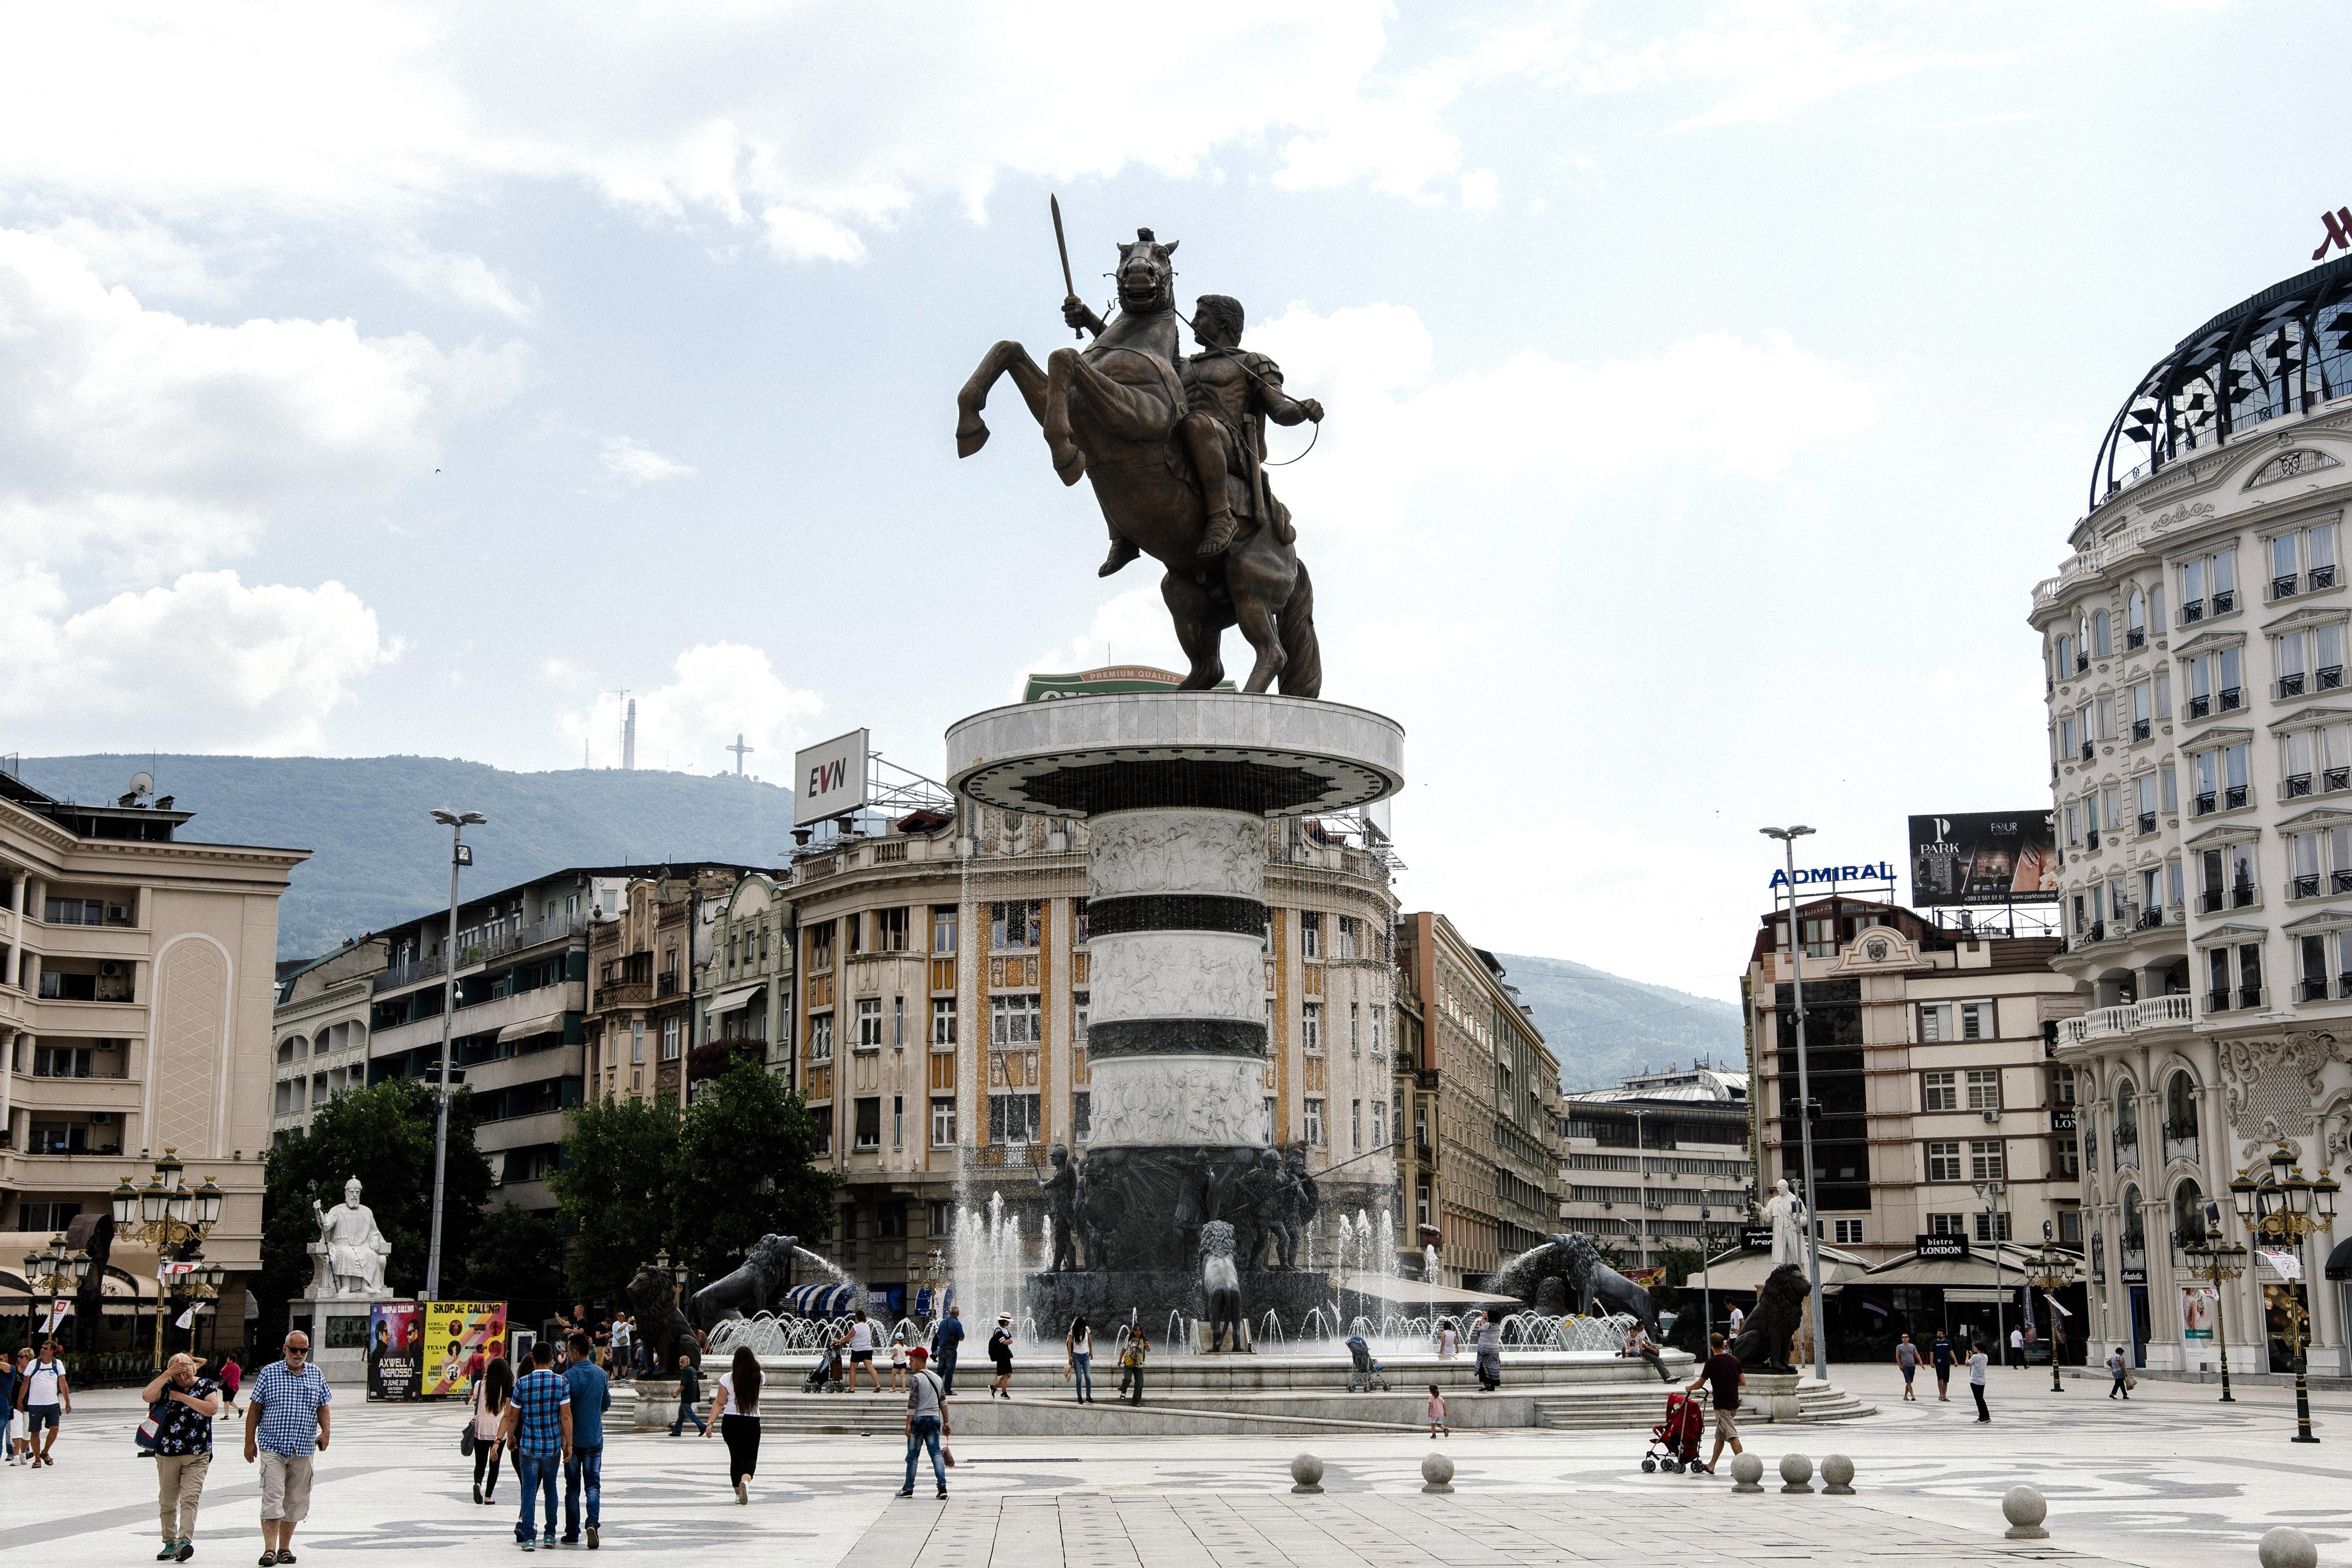 27 évnyi viszály ér véget: Észak-Macedónia lett a macedón állam neve